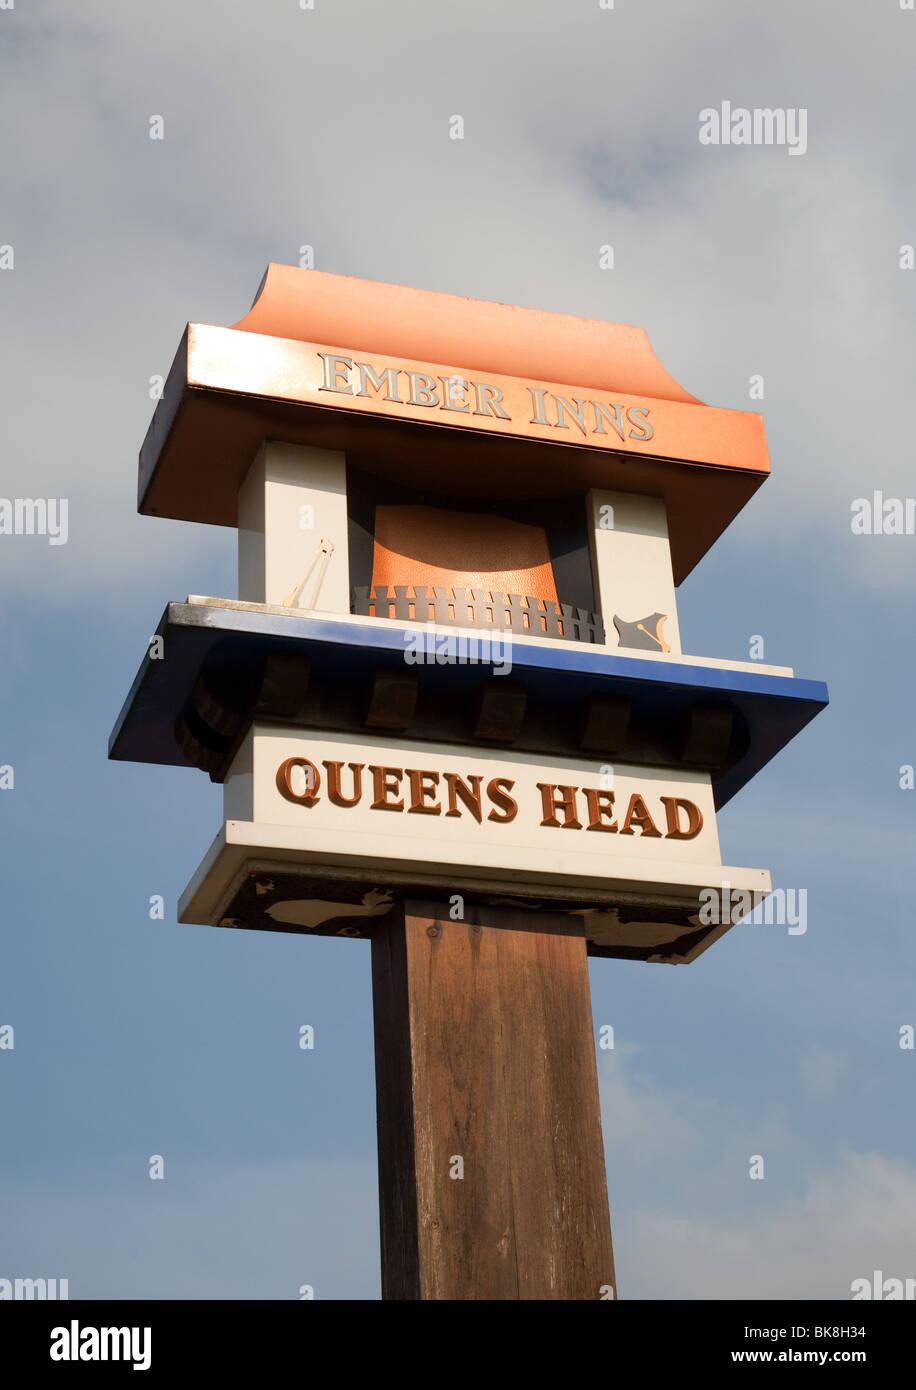 The Queens Head sign, a member of Ember Inns, Chislehurst, Kent, UK - Stock Image